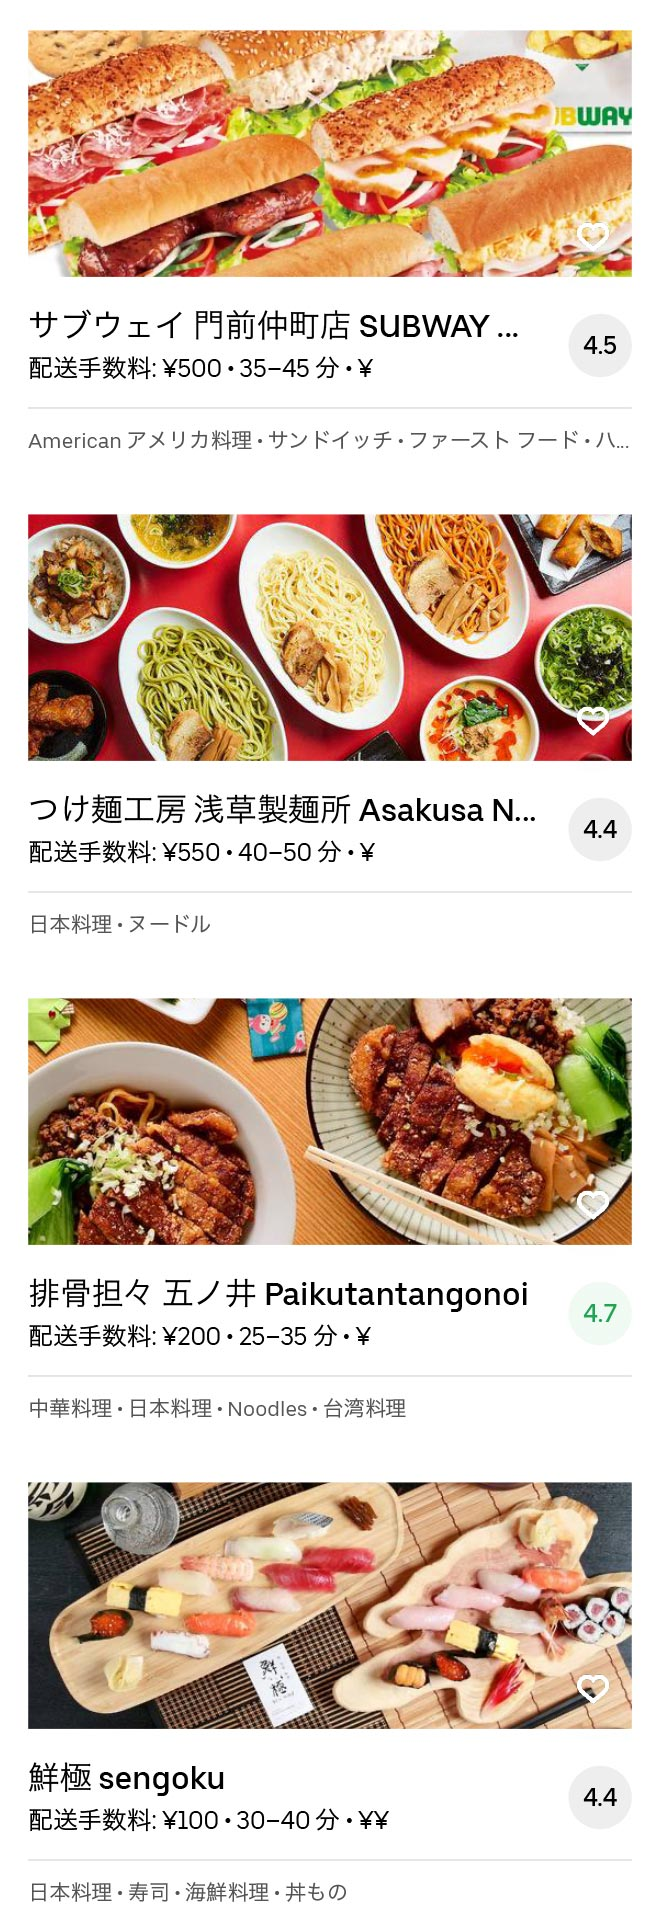 Tokyo otemachi menu 2005 12